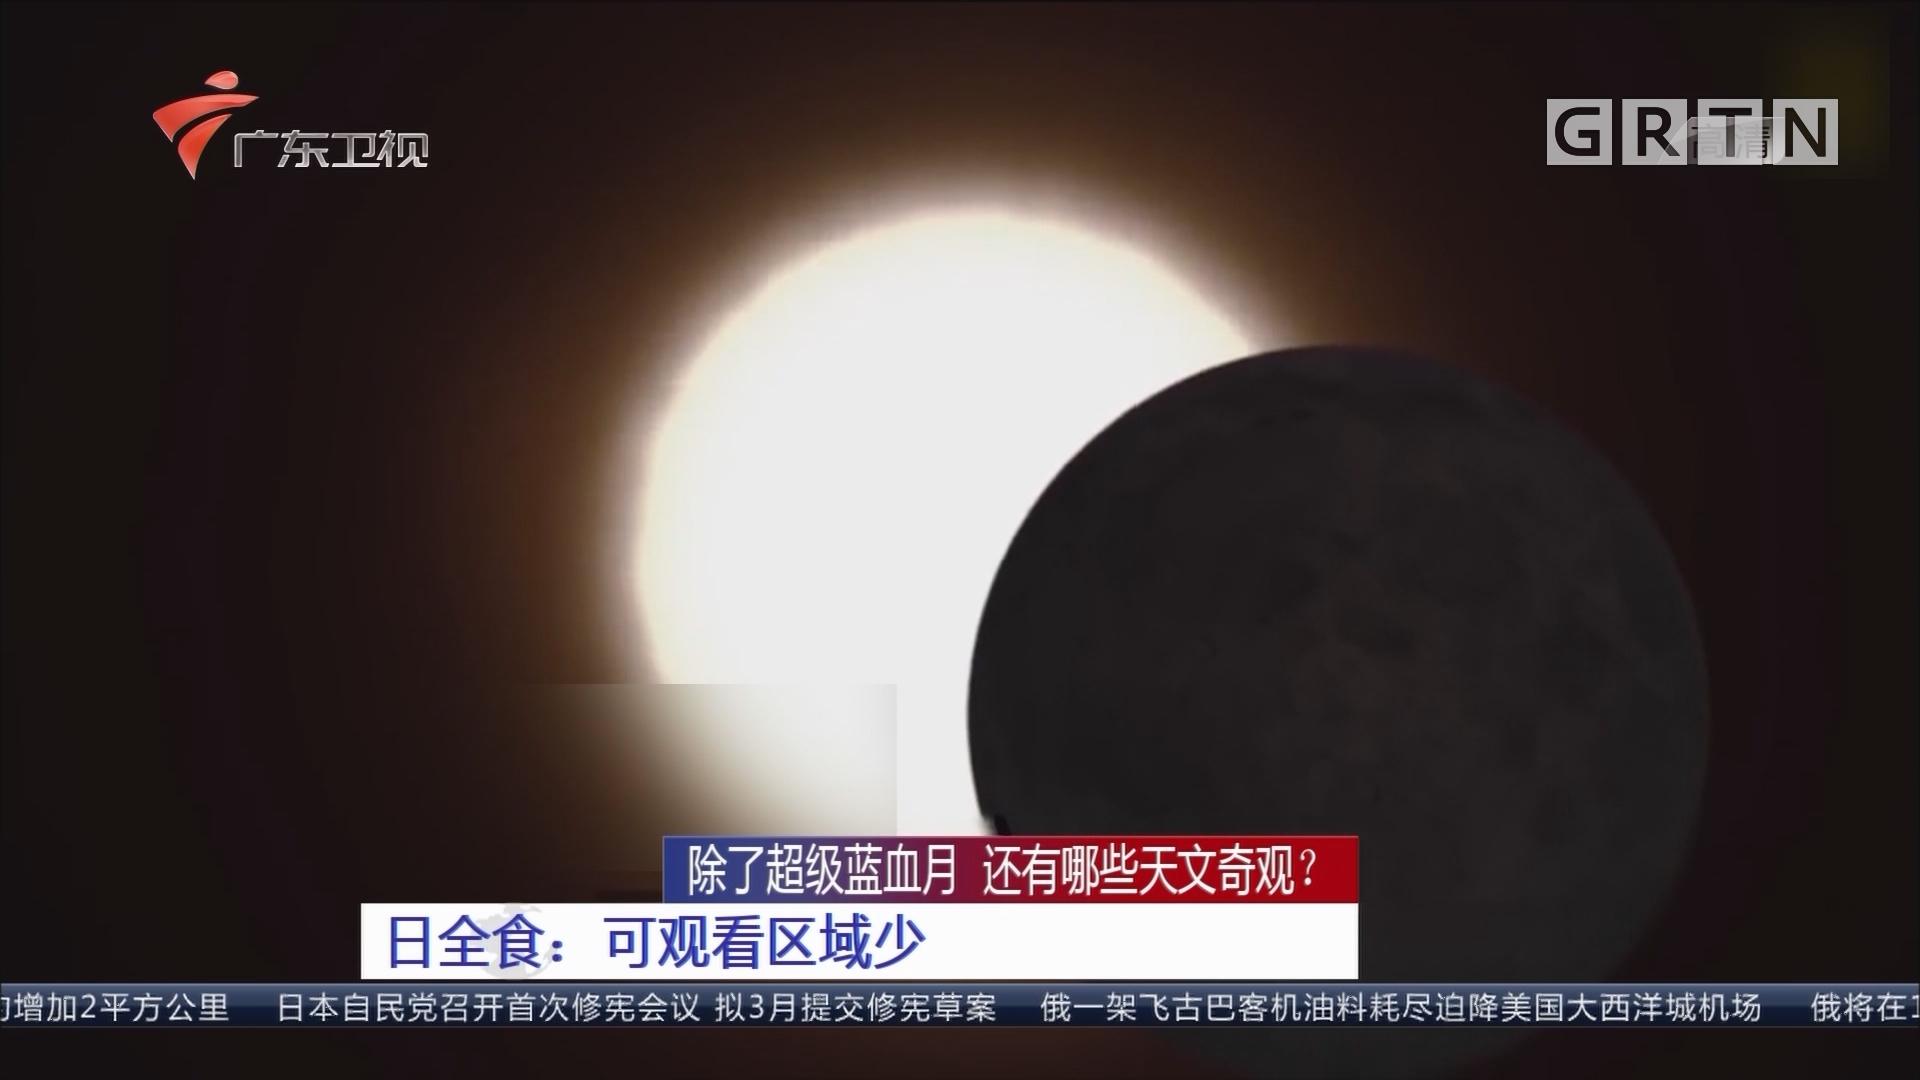 除了超级蓝血月 还有哪些天文奇观? 日全食:可观看区域少